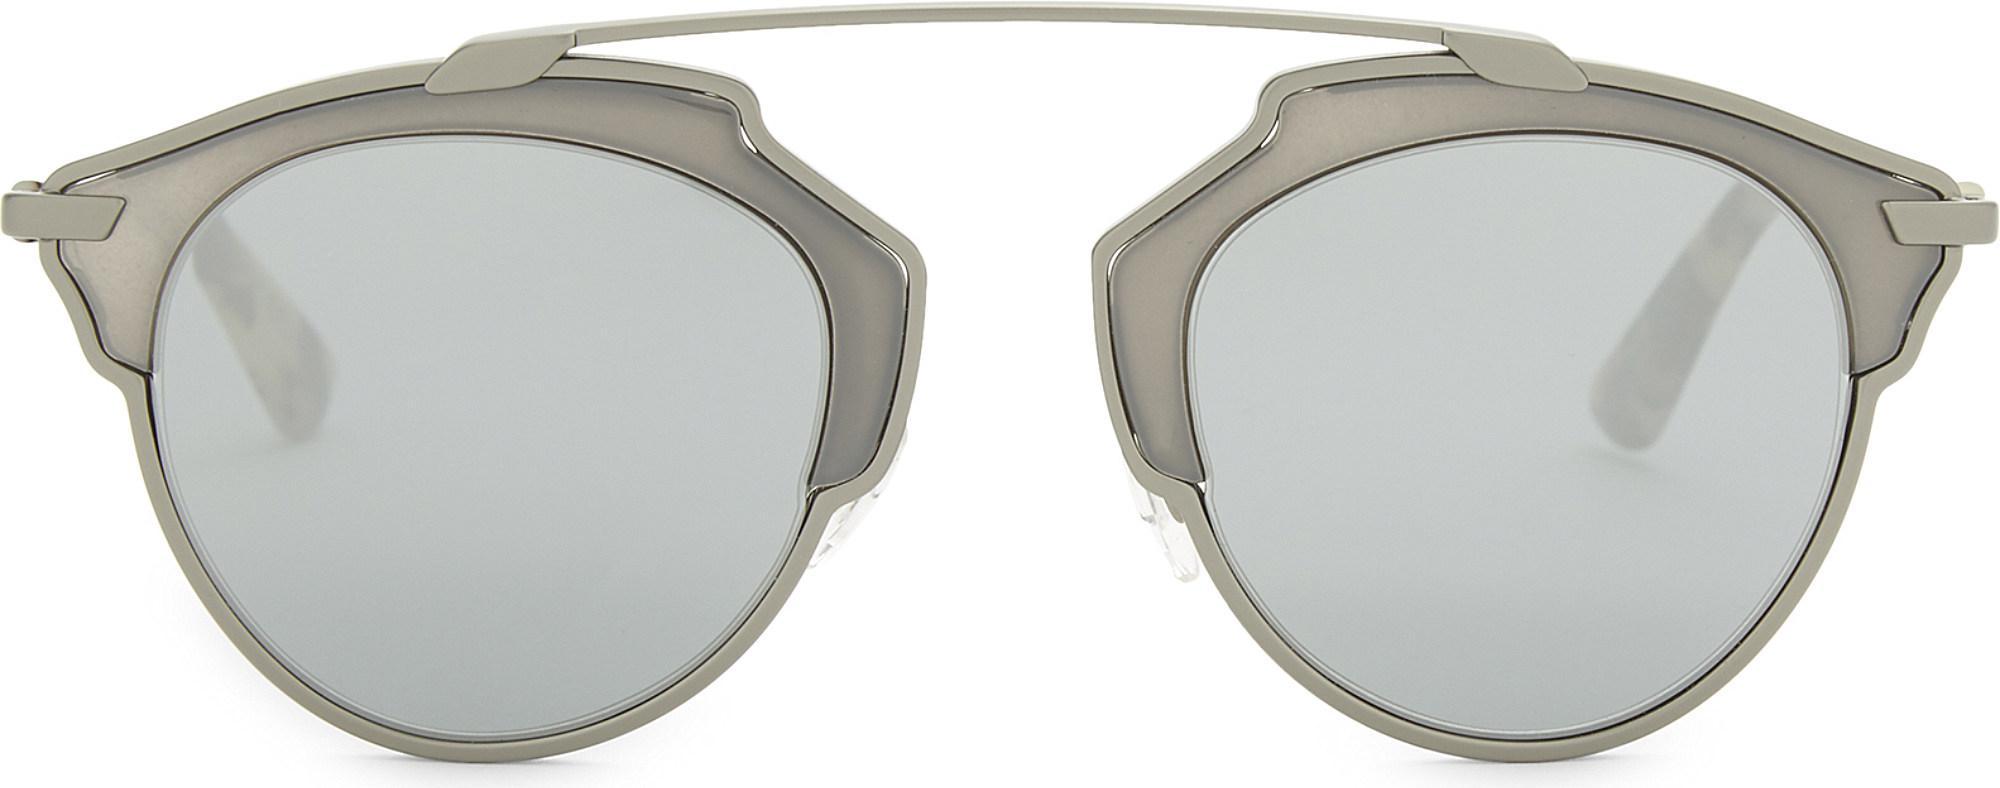 03f97bd2b3e9 Dior So Real Round Sunglasses in Metallic - Lyst